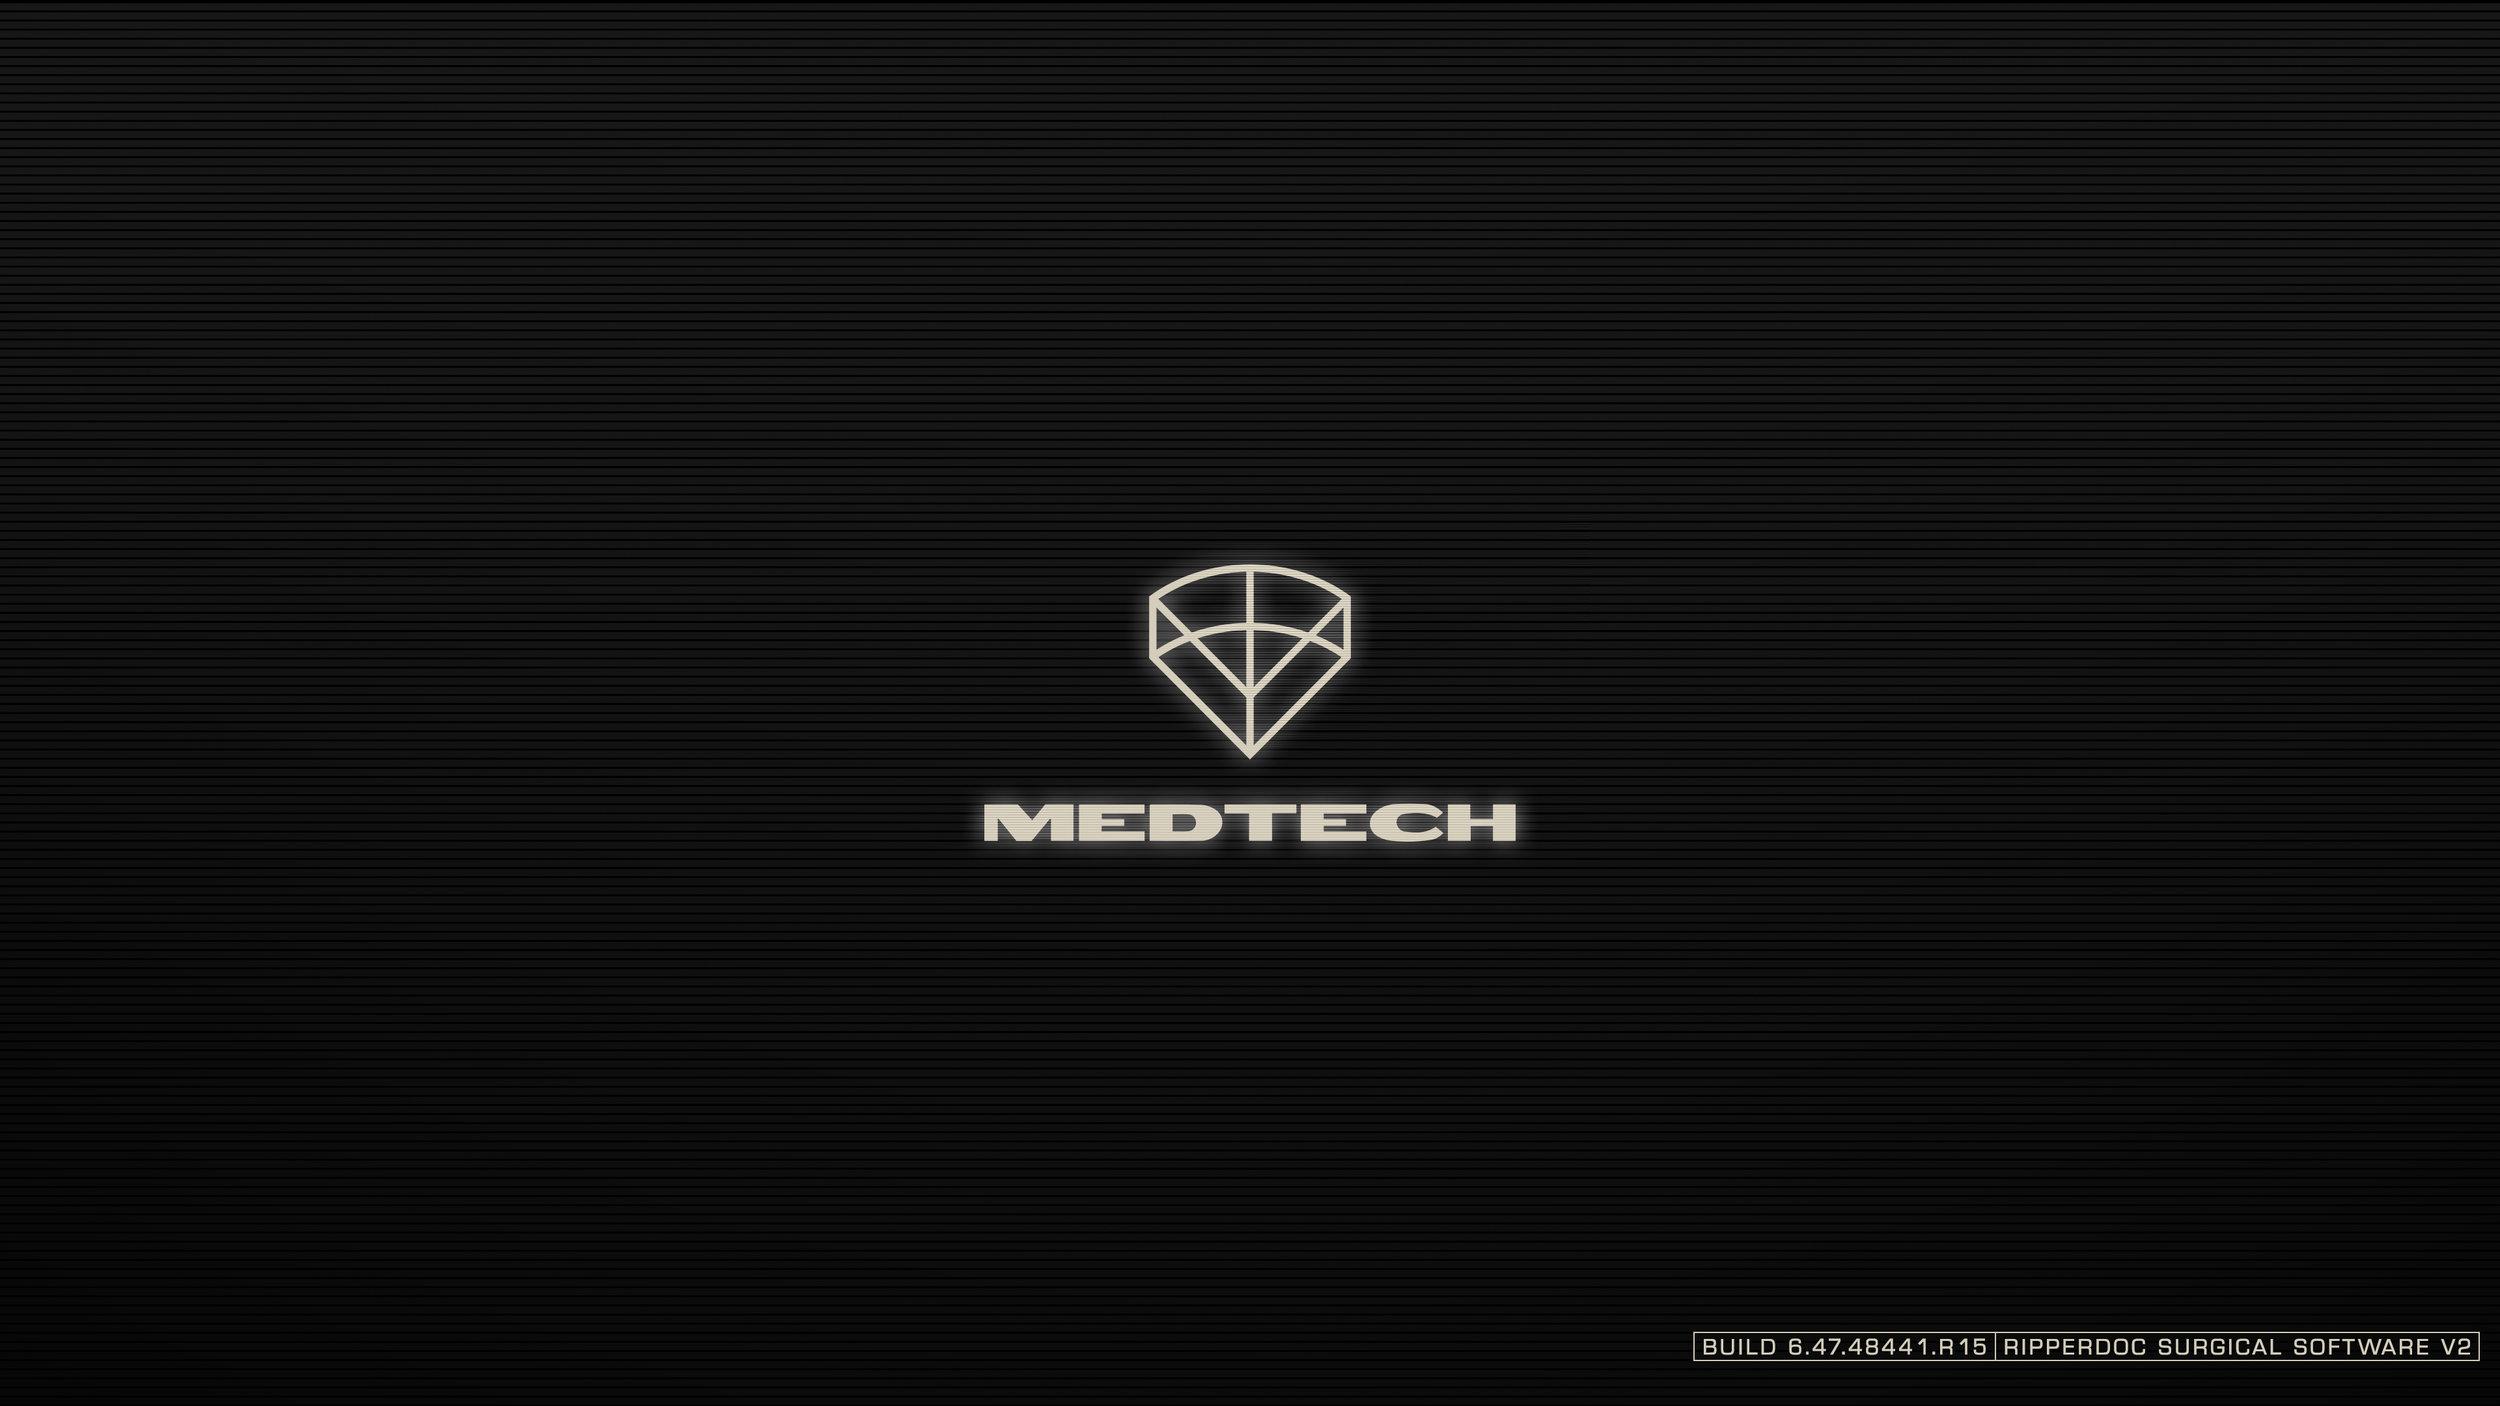 Medtech 4K Wallpaper